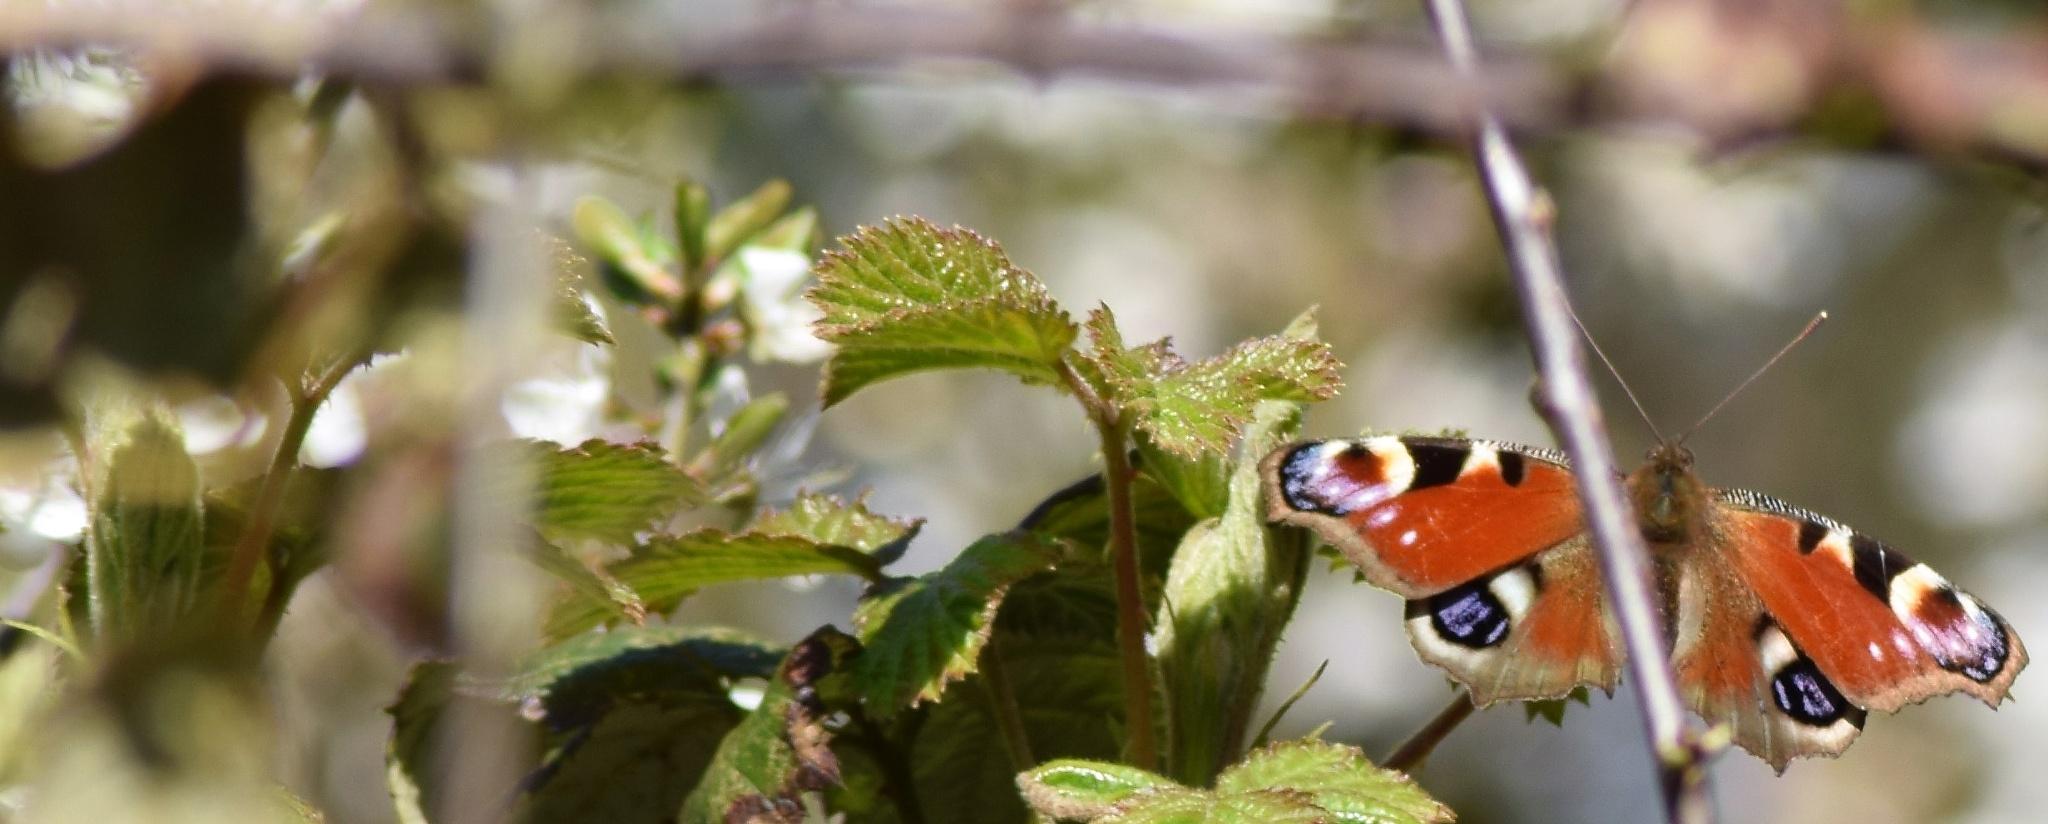 butterfly  by colin arnott